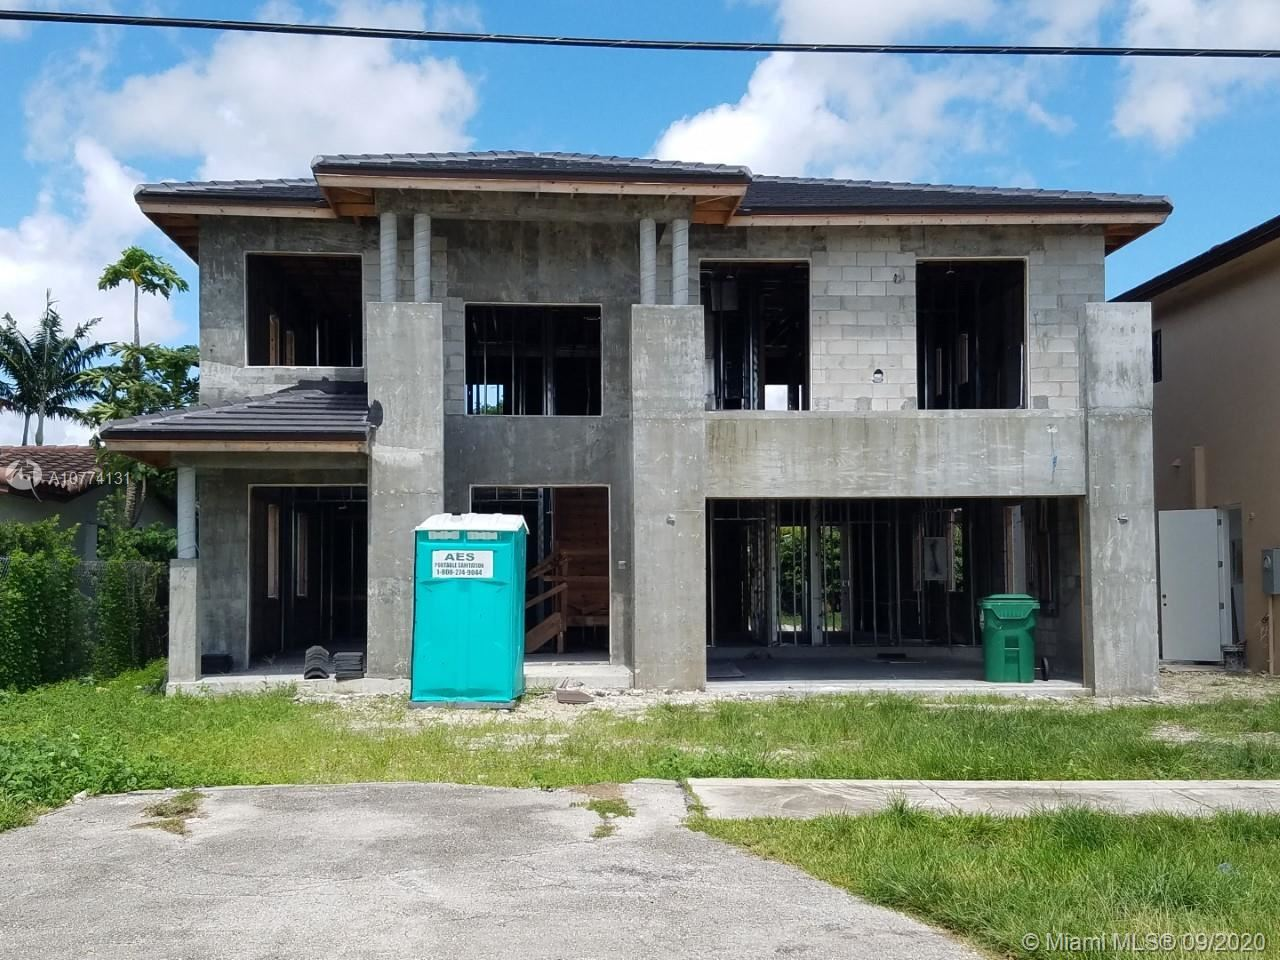 6021 SW 27 ST, Miami, FL 33155 - #: A10774131